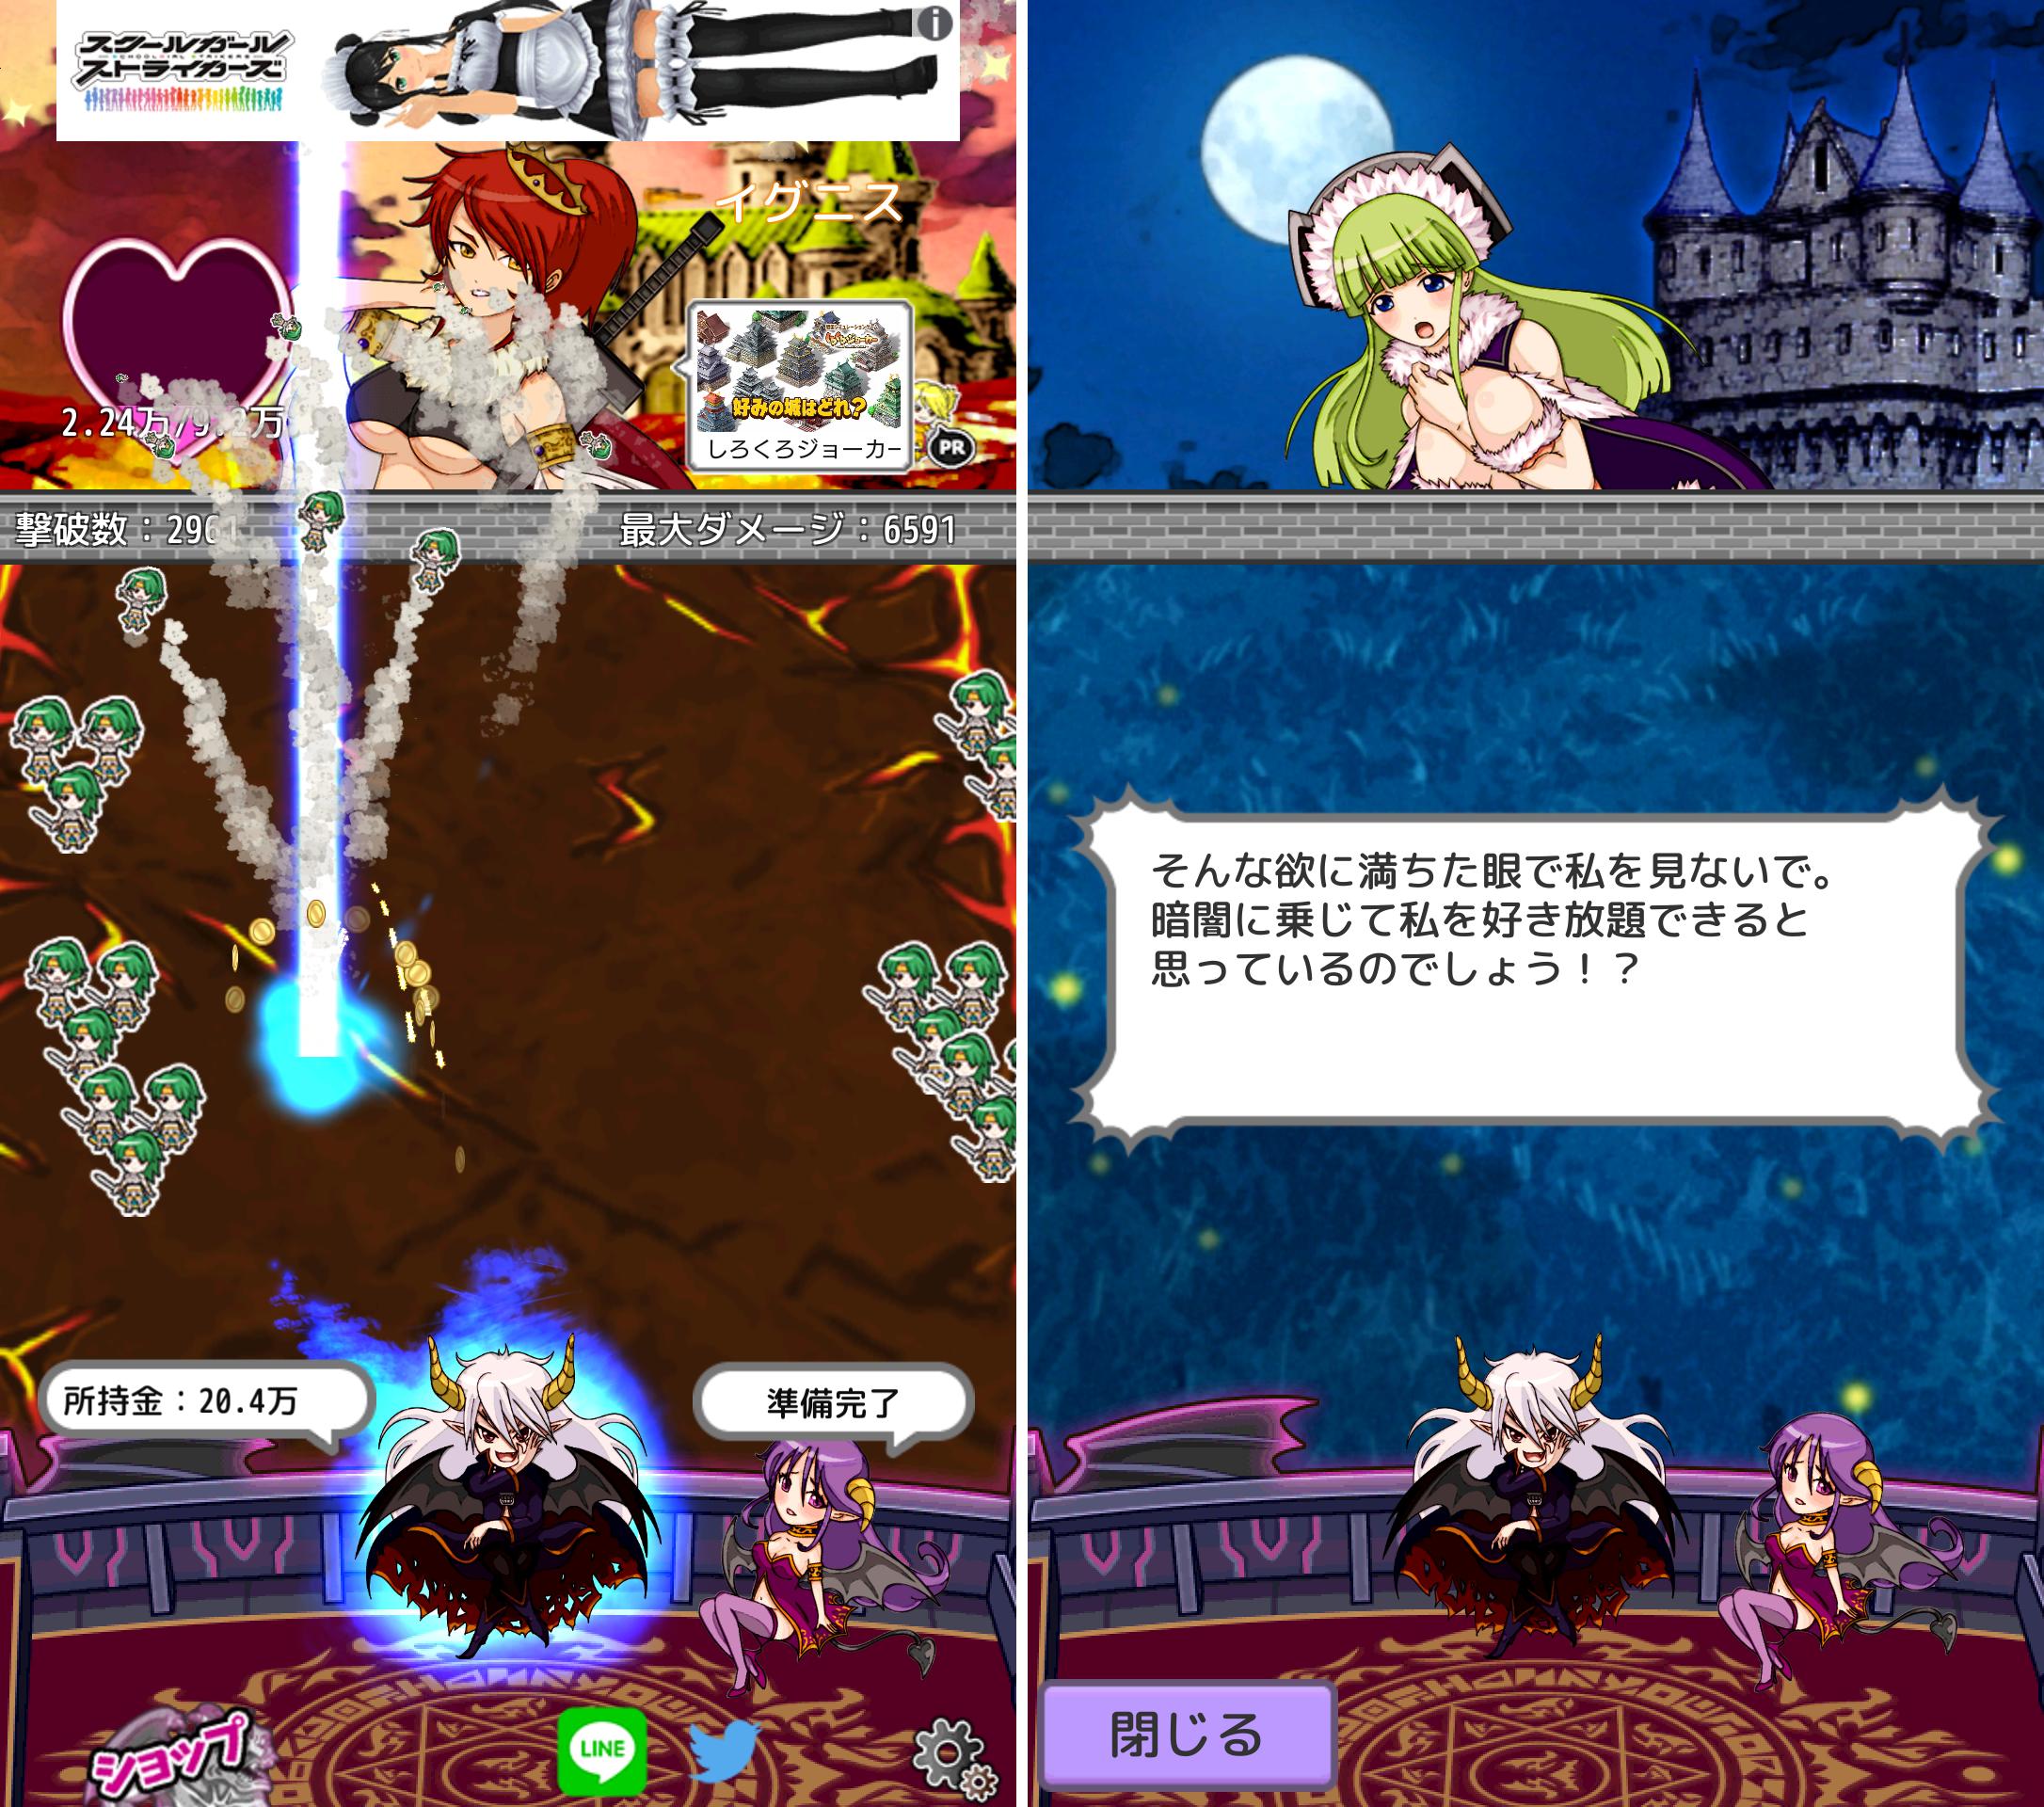 魔王へと転生した俺が世界征服をして姫ハーレムへと至る話 androidアプリスクリーンショット1